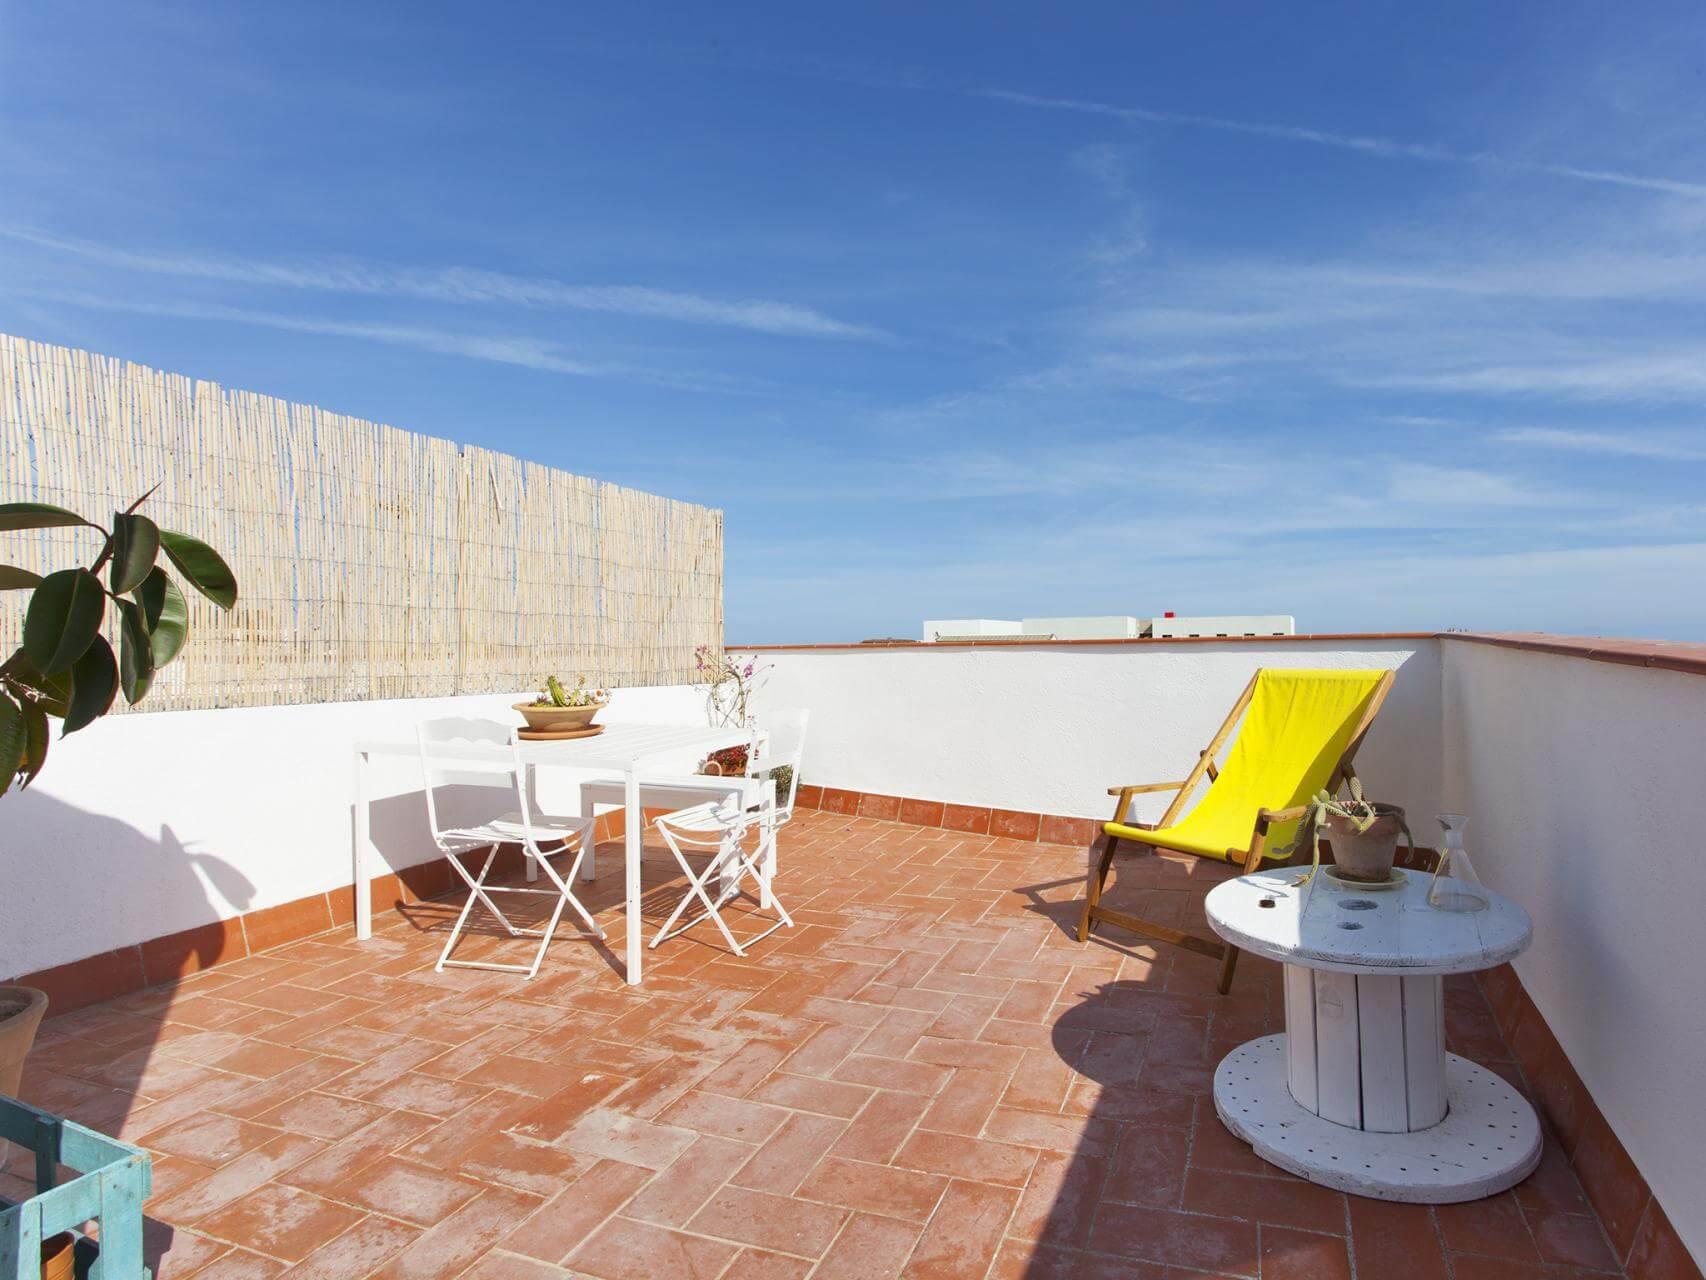 Piso tur stico con terraza en el poblenou shbarcelona - Piso turistico barcelona ...